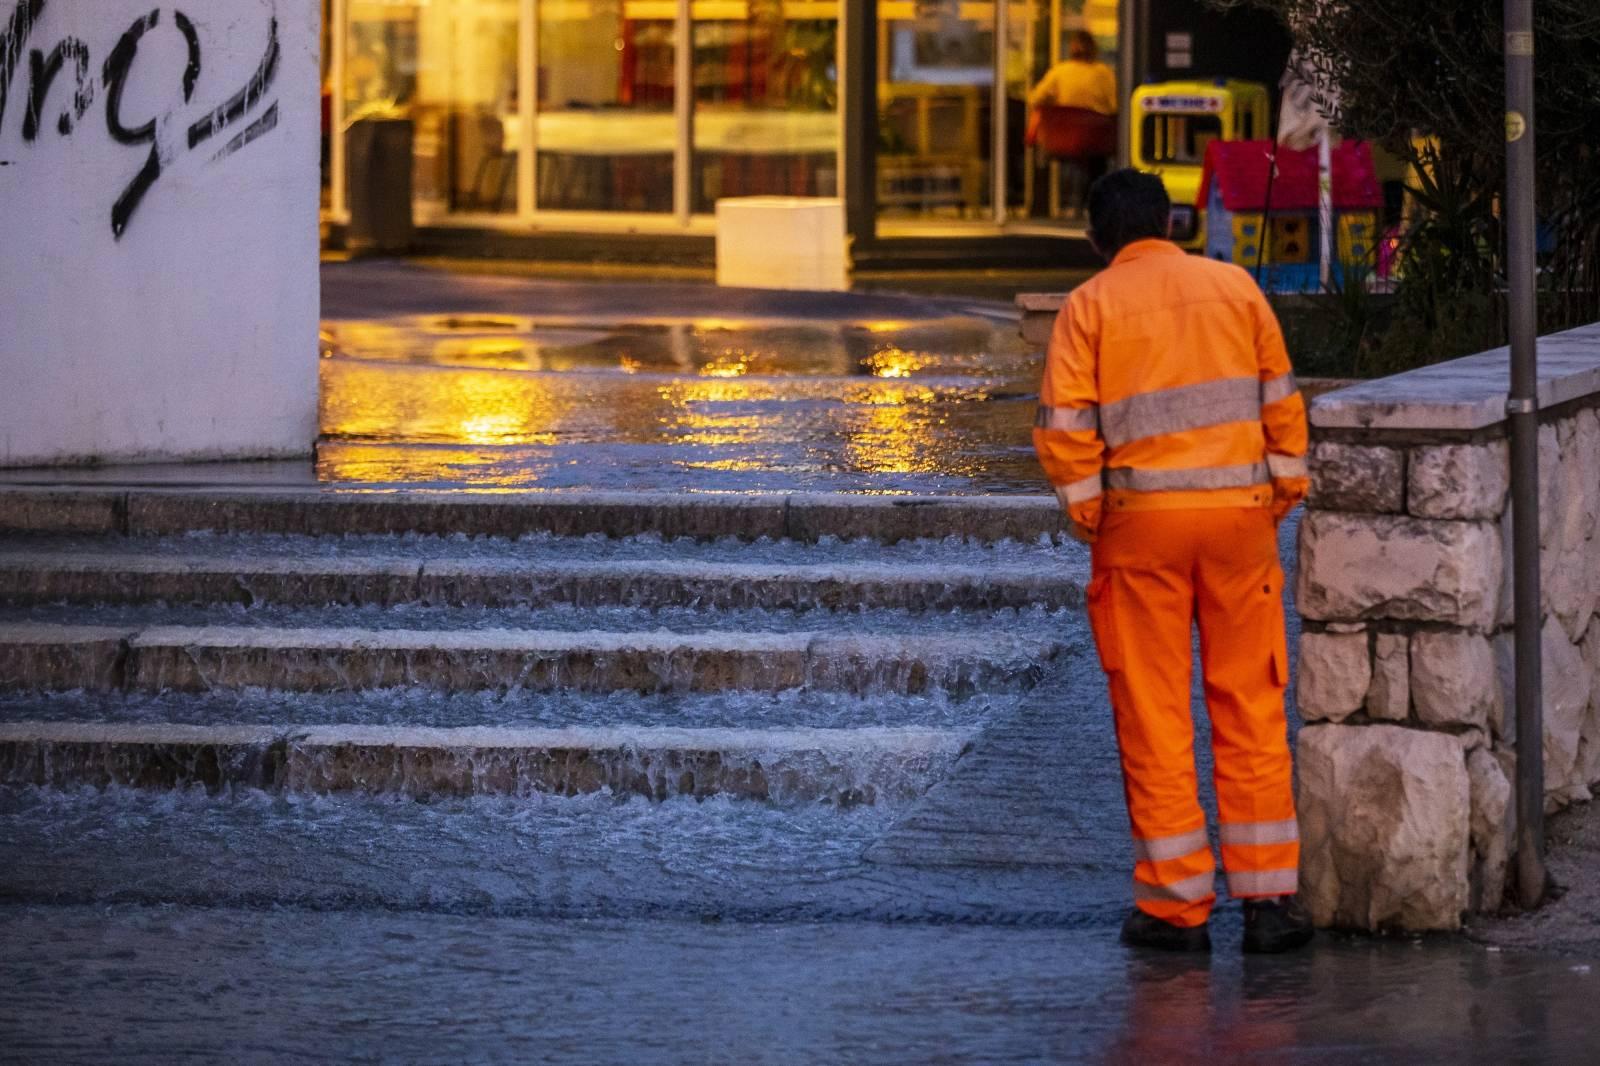 Split: Došlo do puknuća vodovodne cijevi u Ulici Ruđera Boškovića